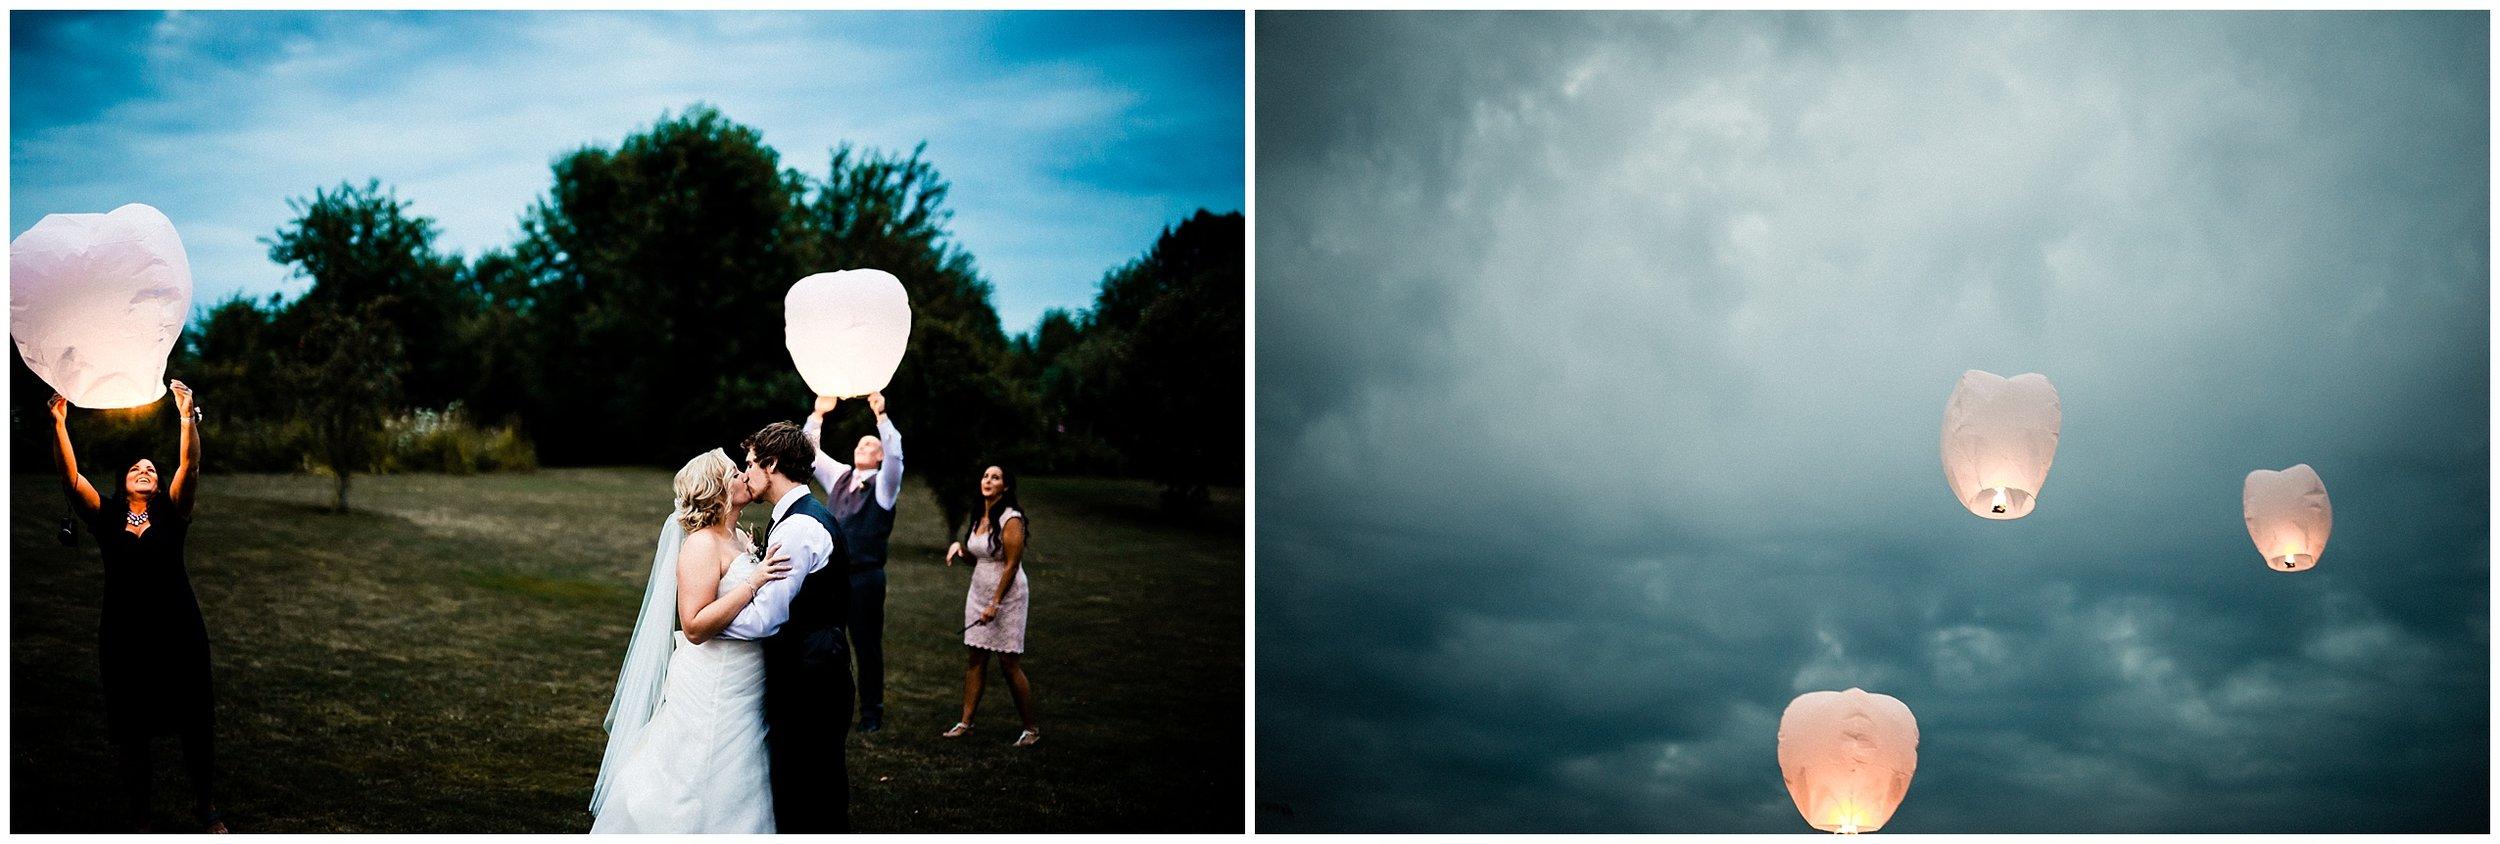 Nate + Rachel | Just Married  #kyleepaigephotography_0643.jpg